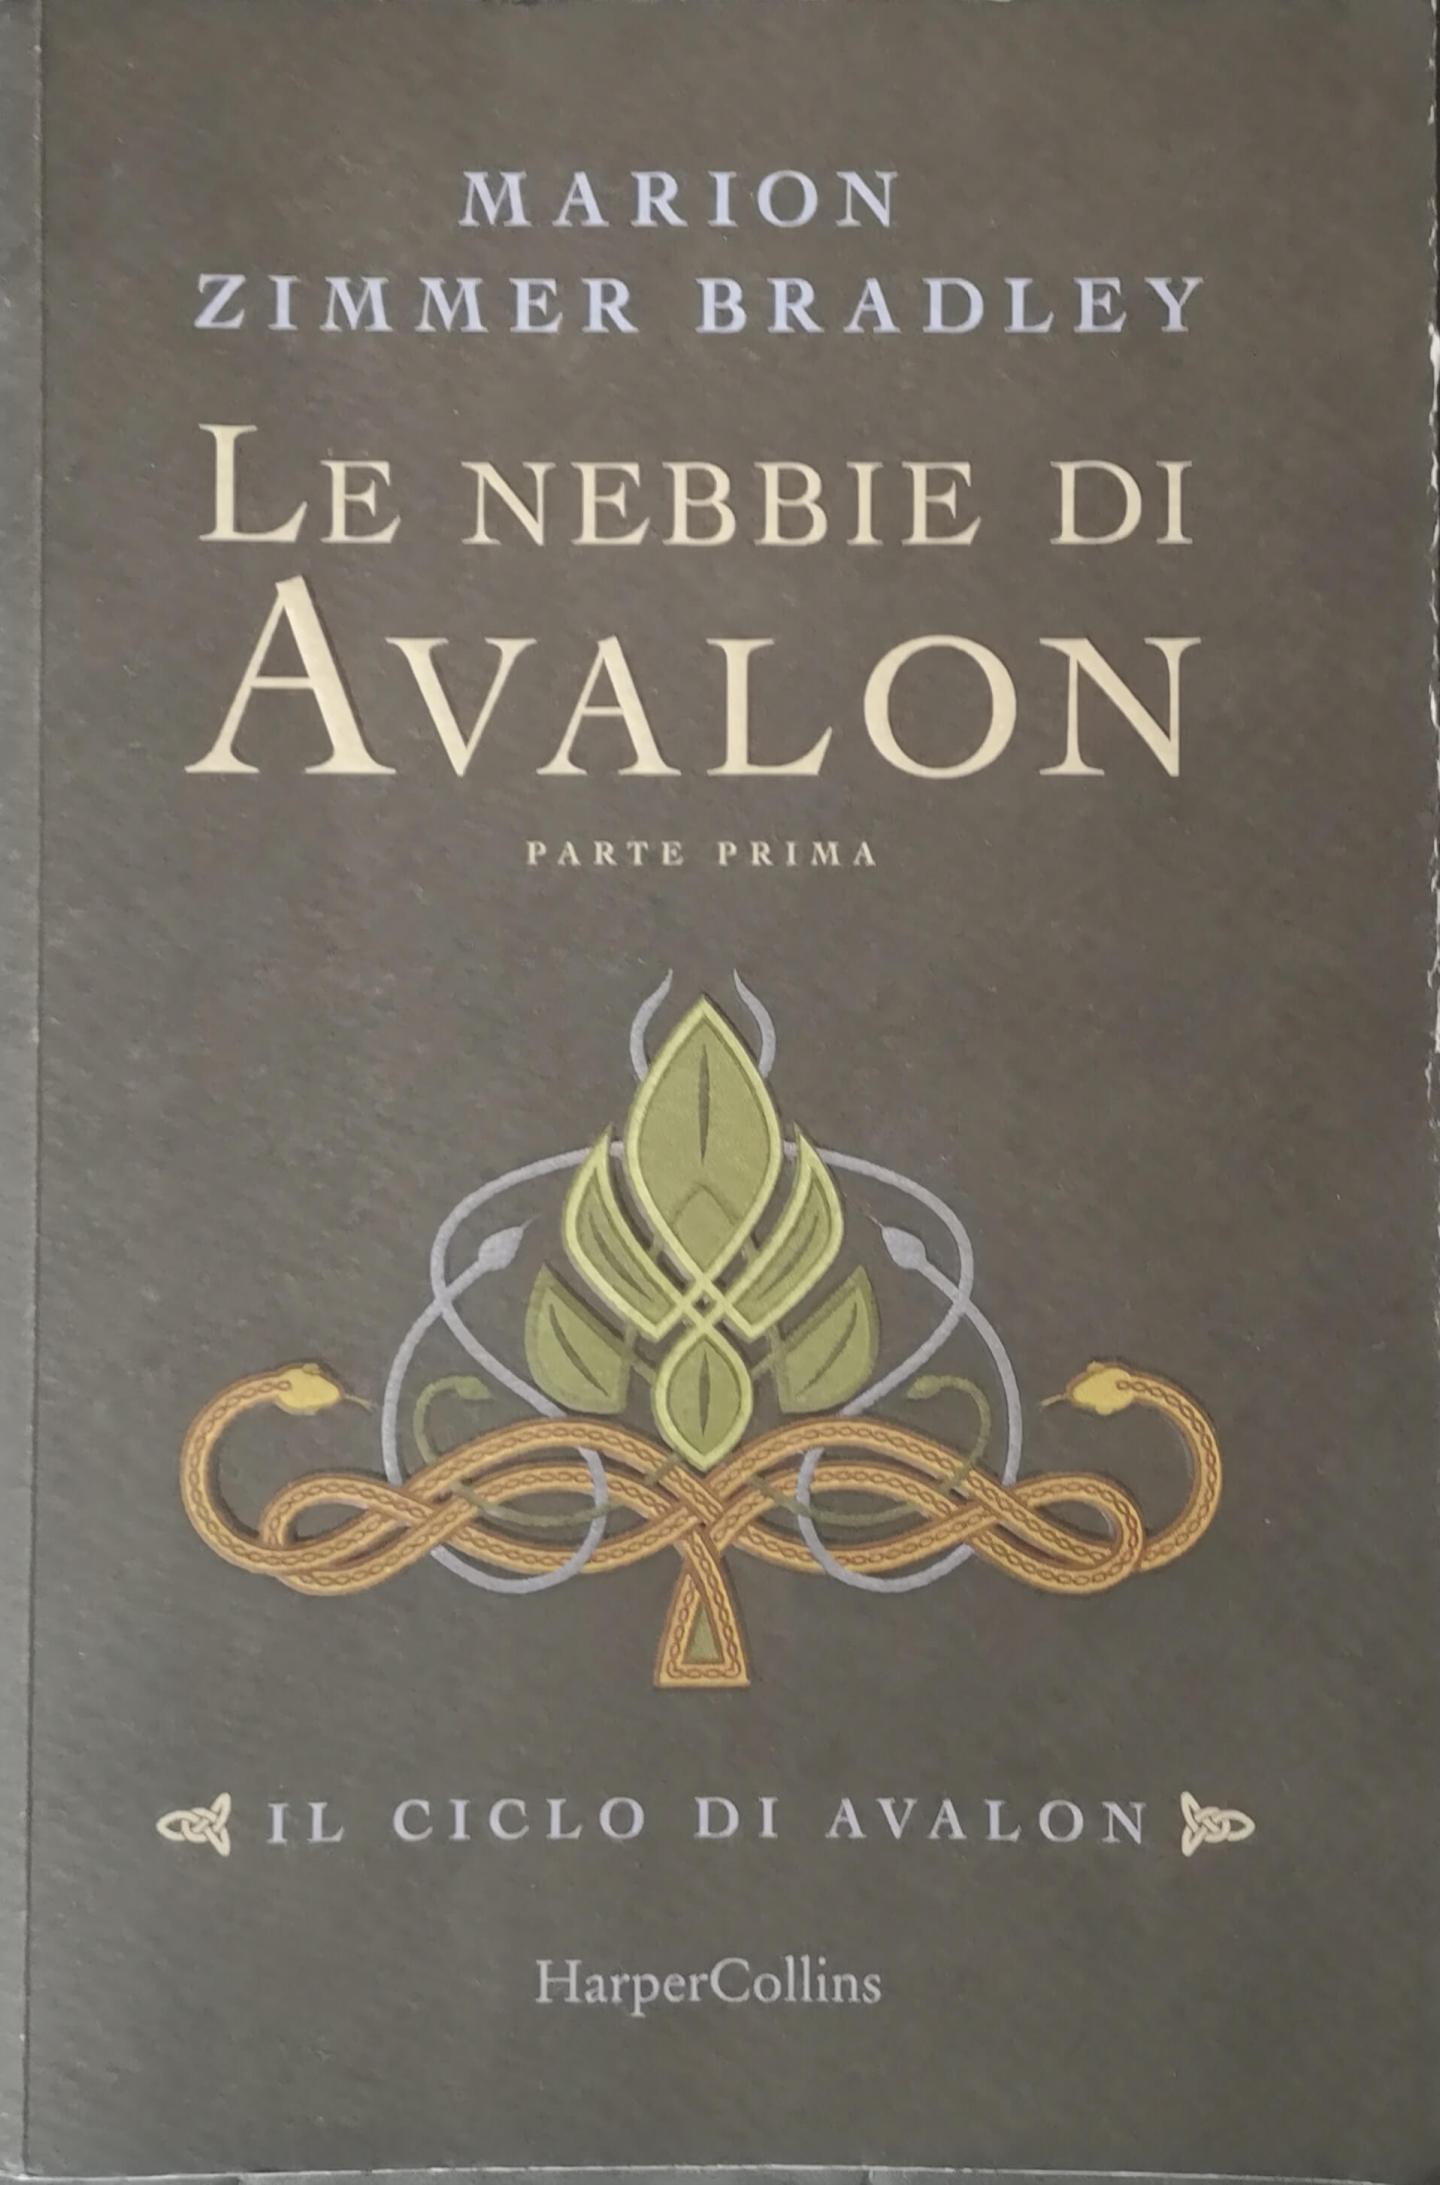 Le nebbie di Avalon libro